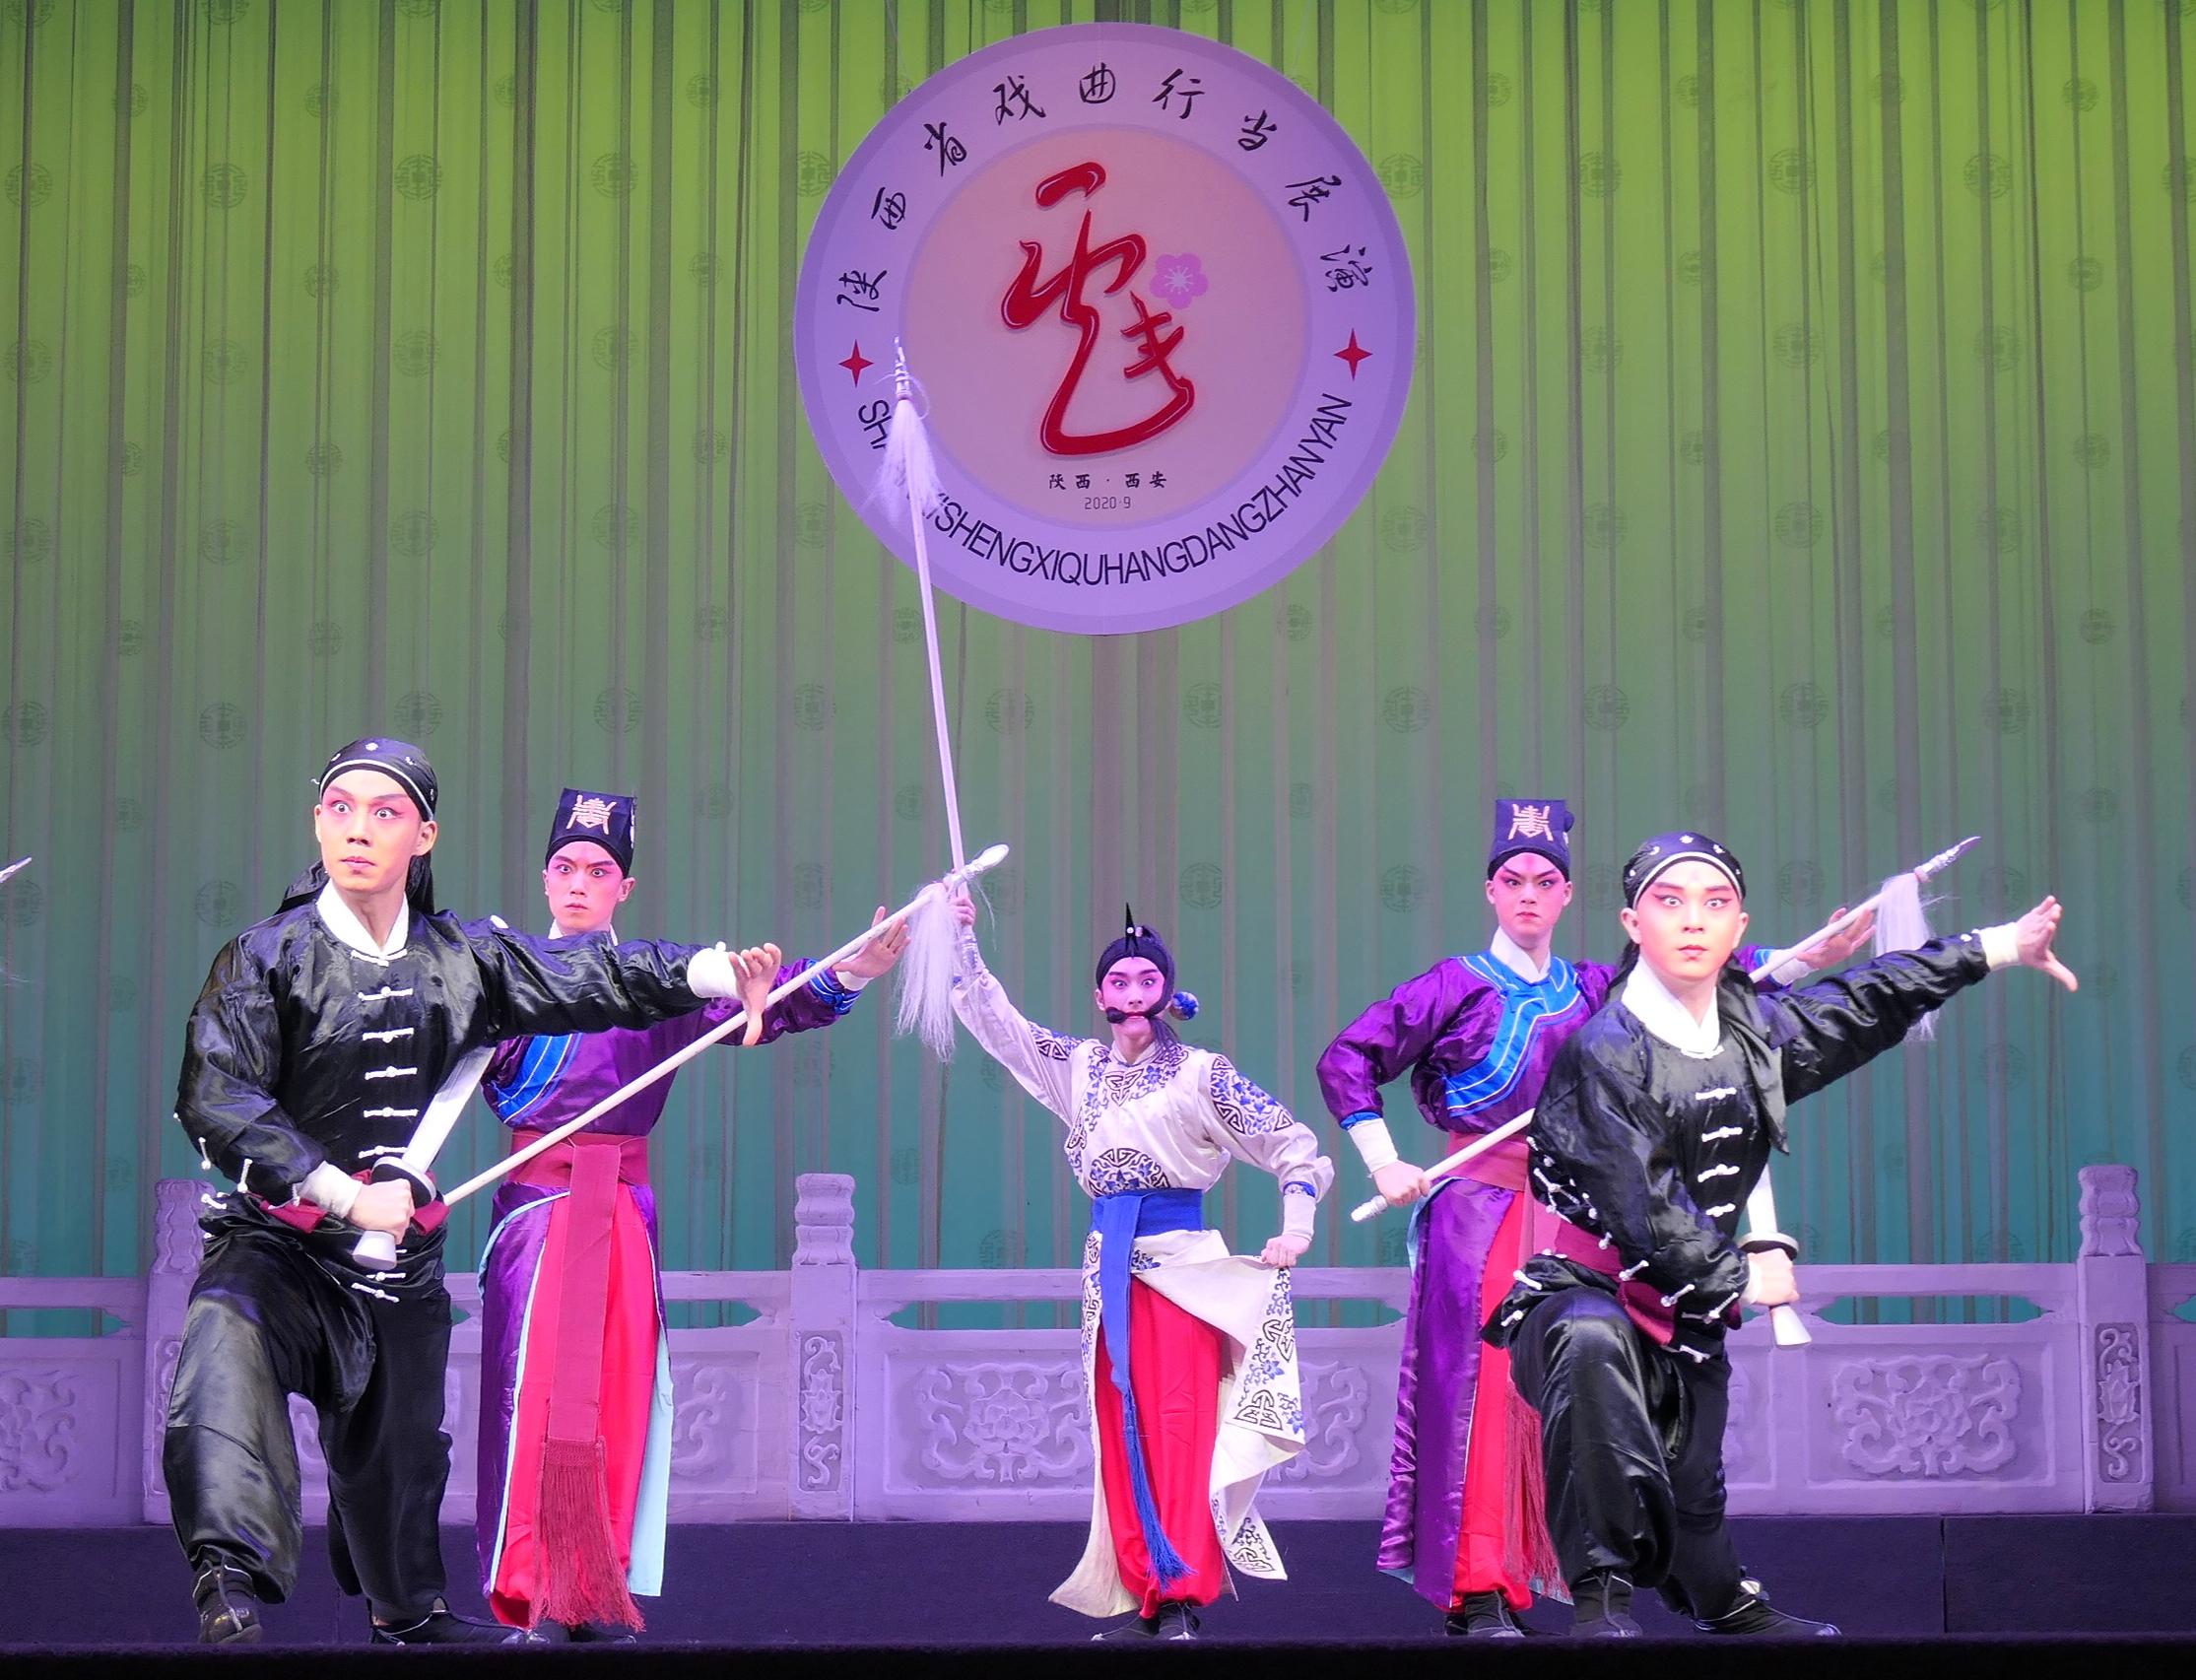 2020年陜西省戲曲行當展演啟幕